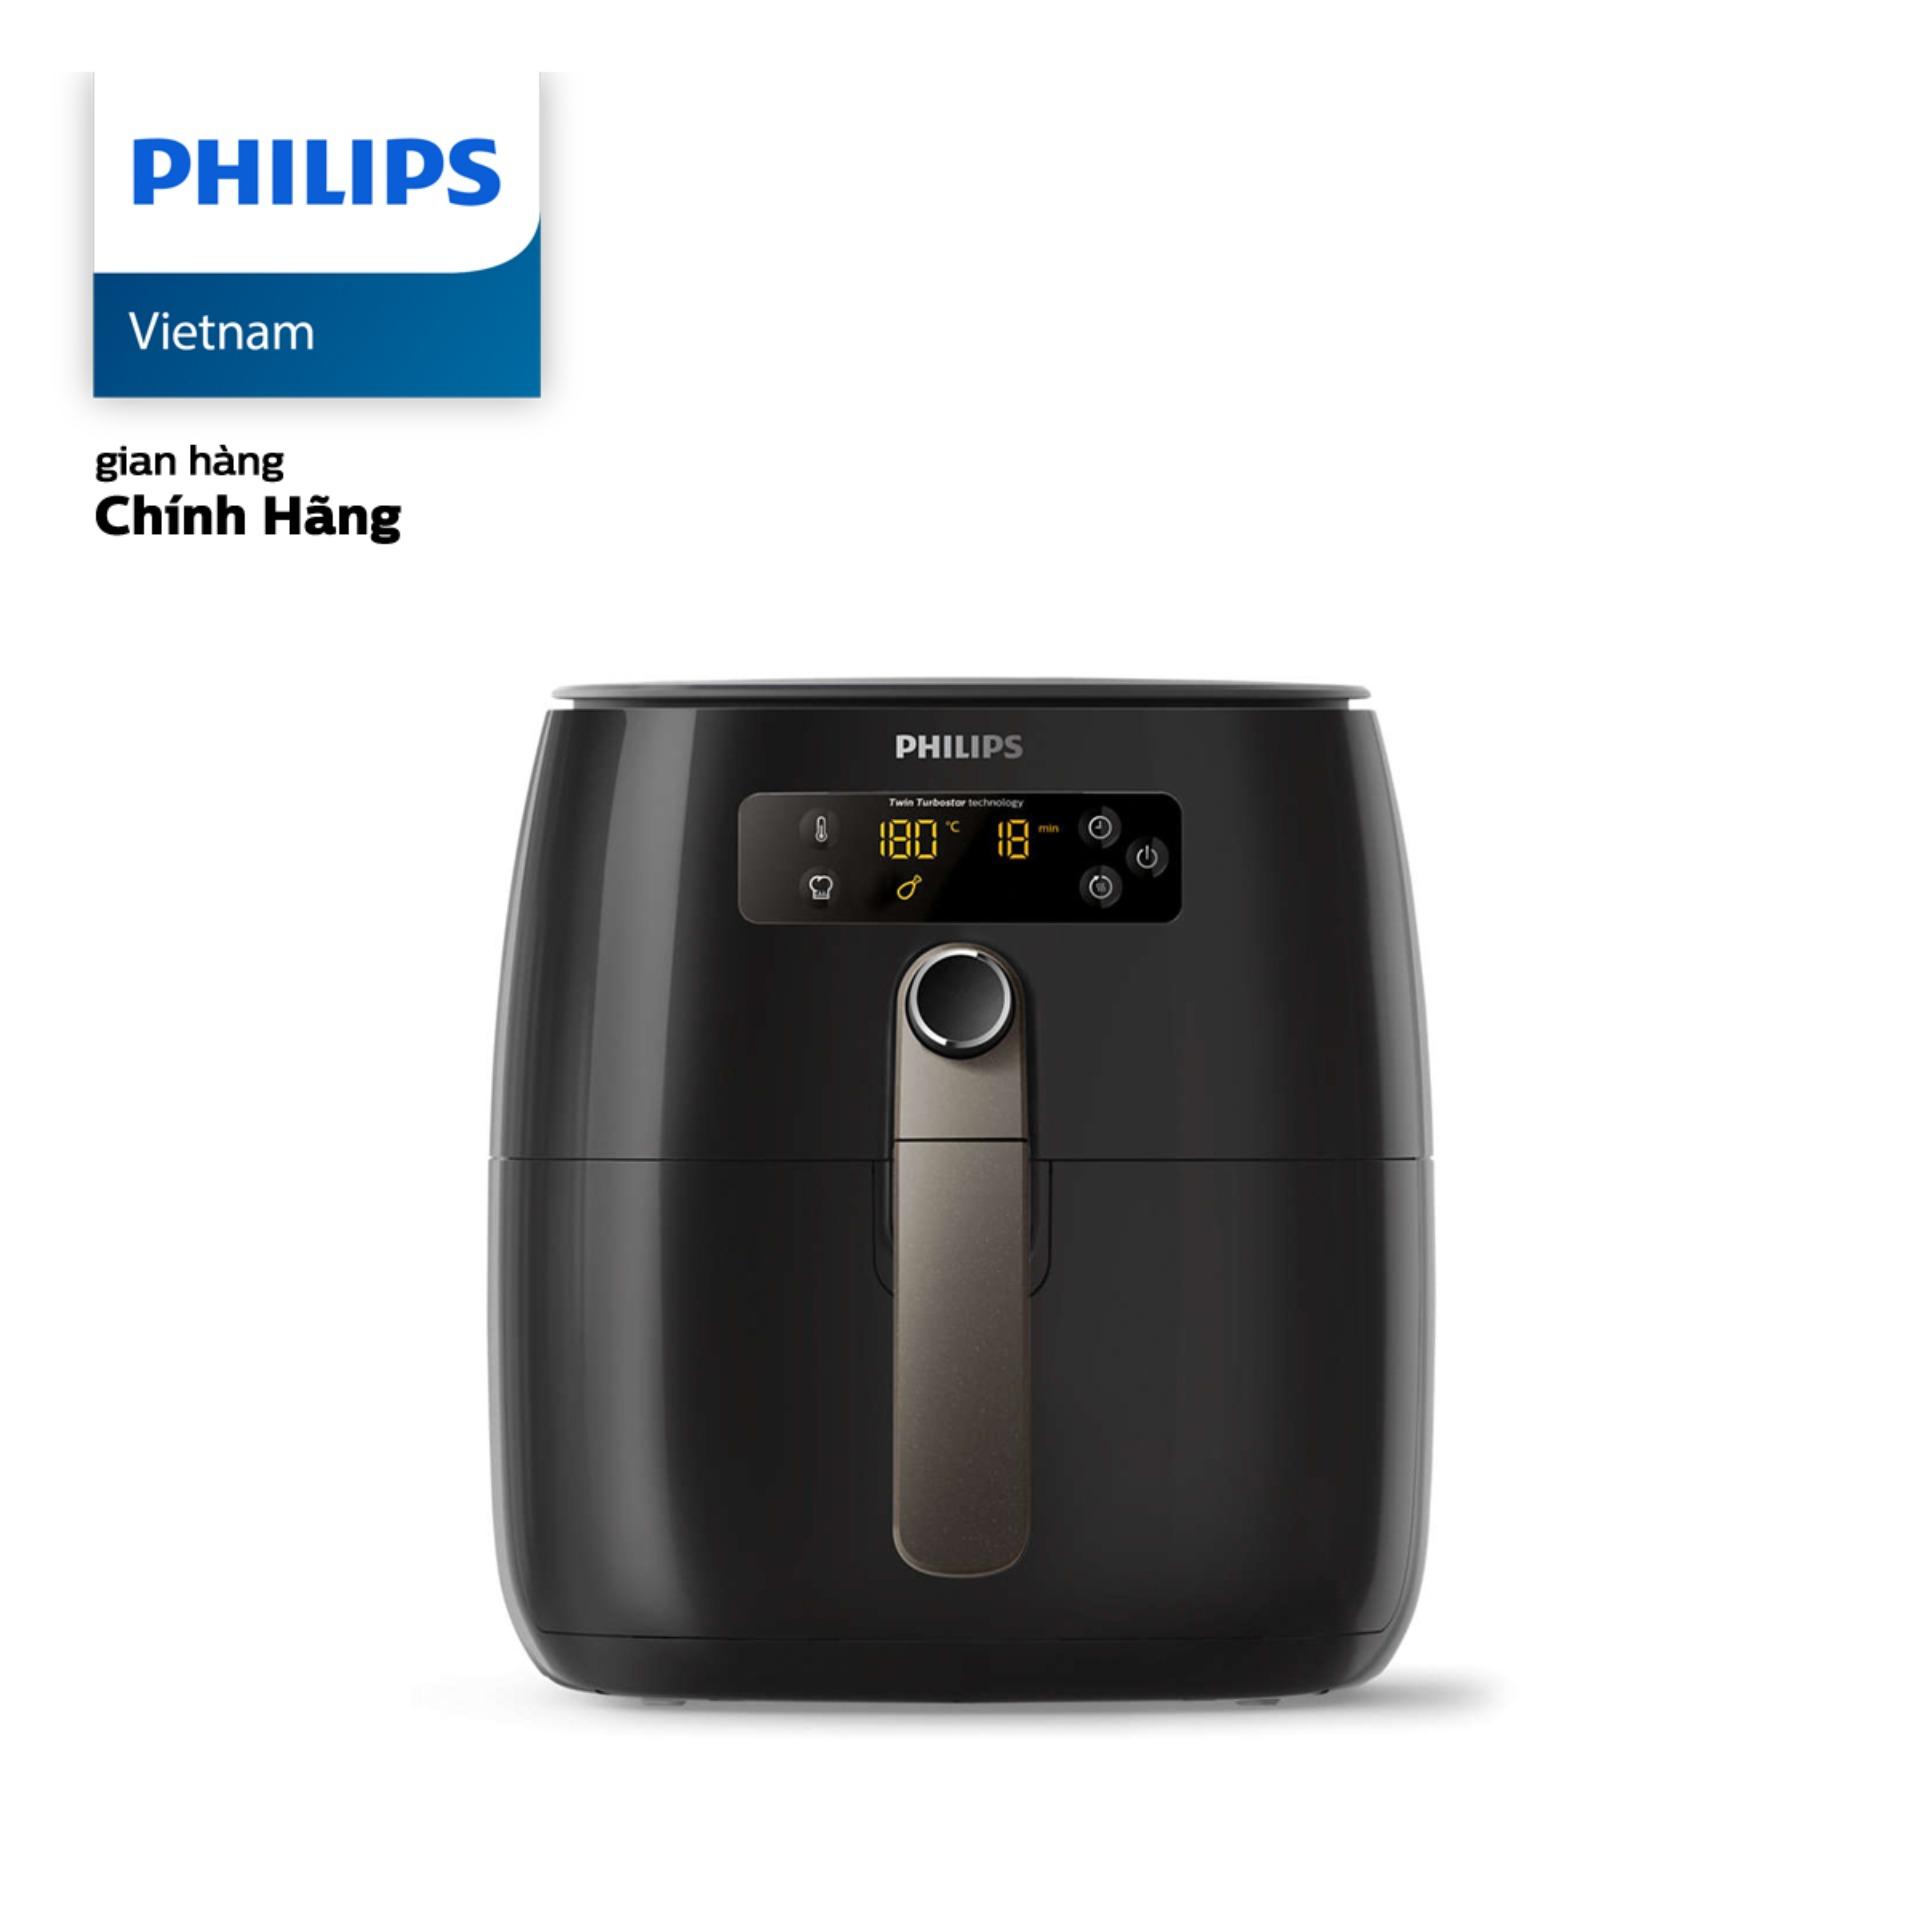 Nồi chiên không dầu Philips HD9745 (Đen) 0.8kg 1500W - Hàng phân phối chính hãng